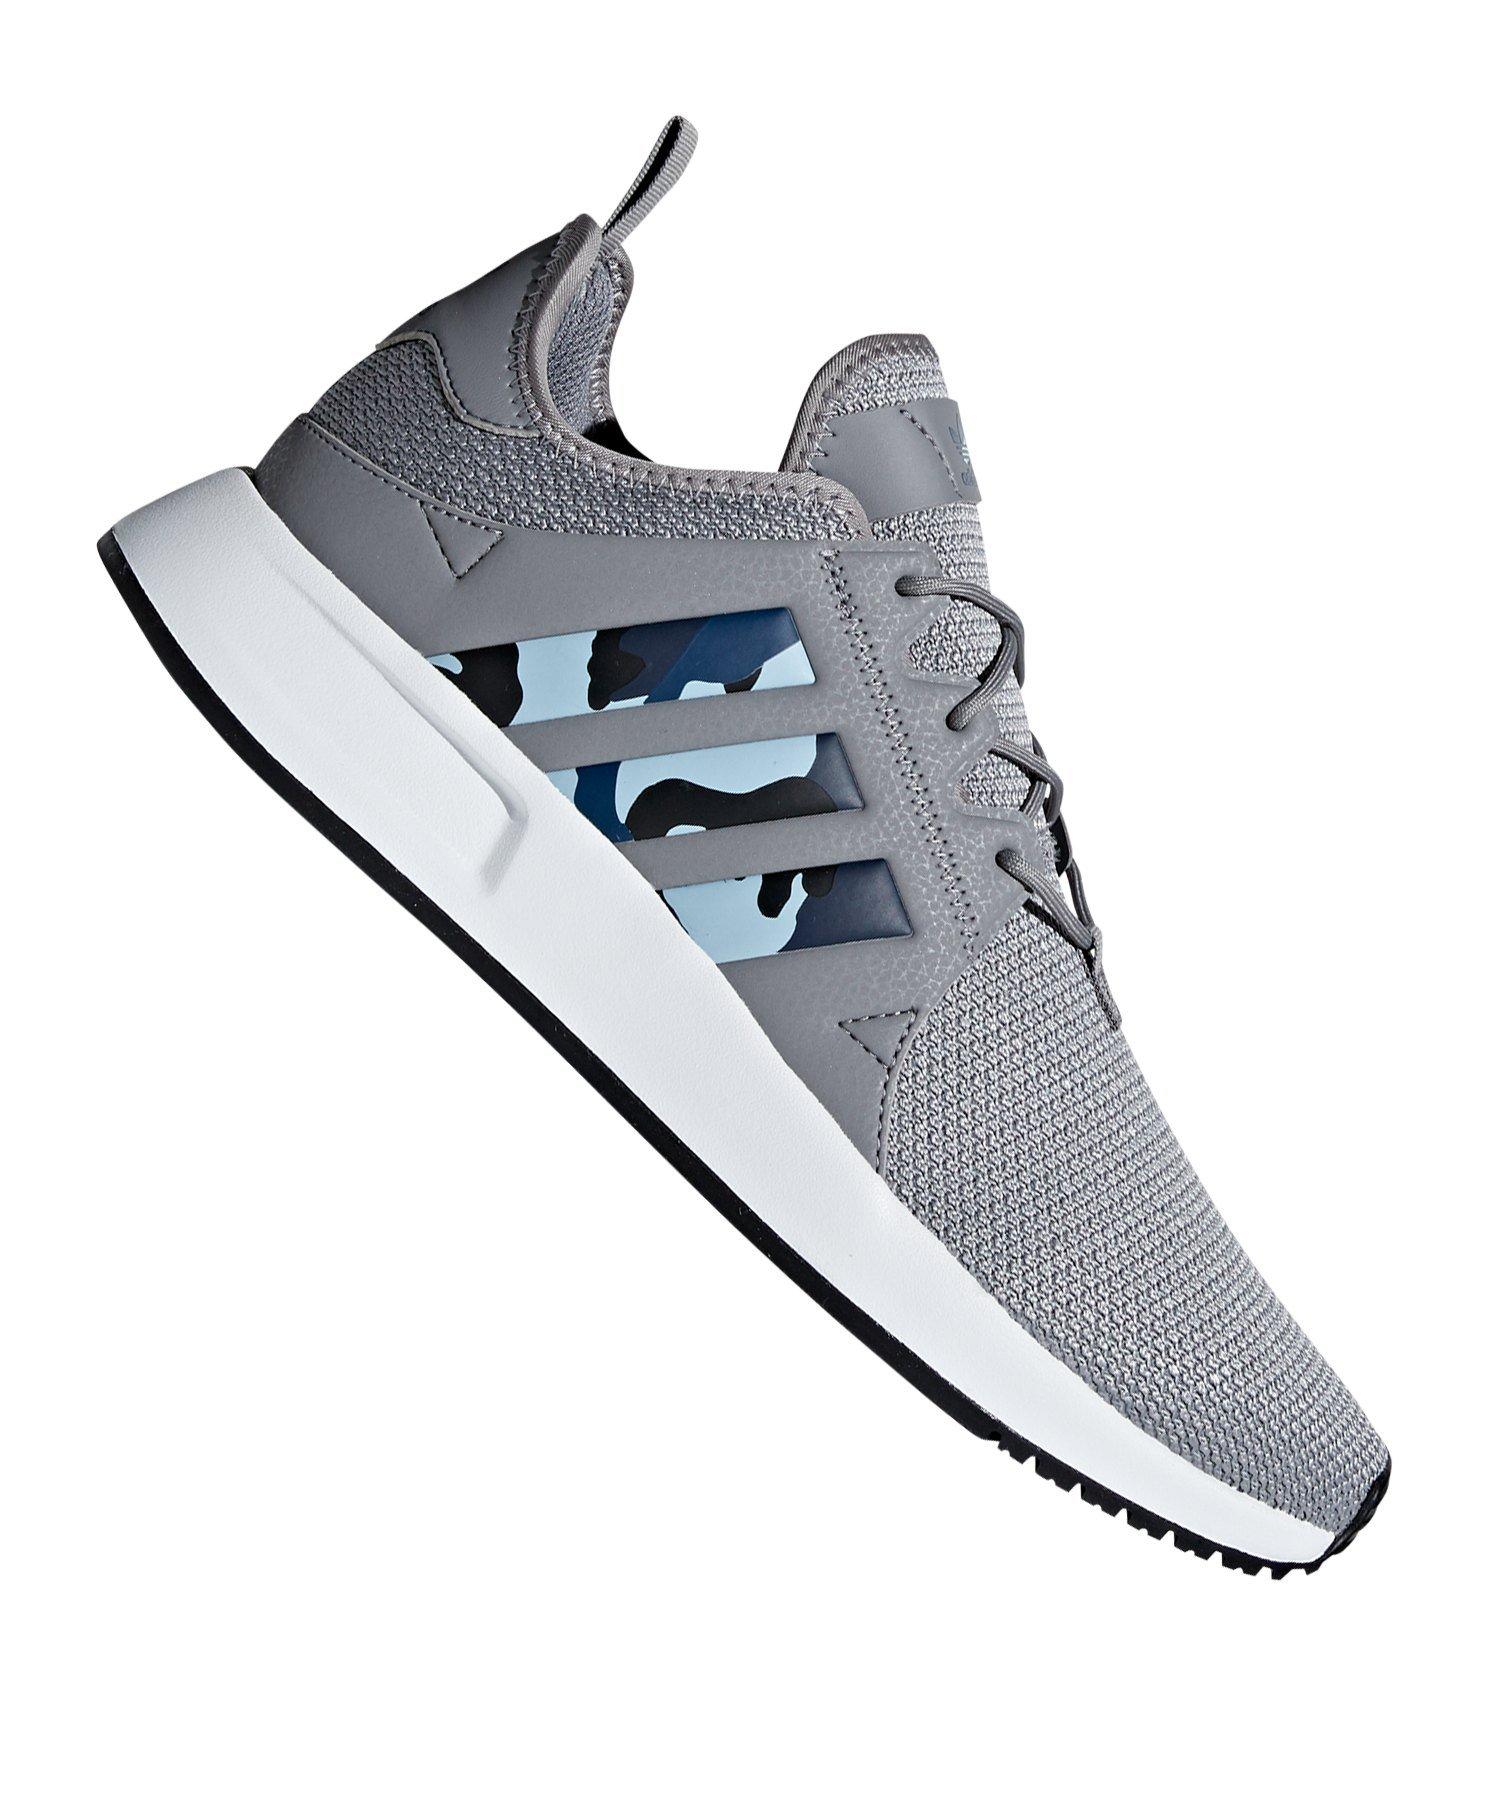 Jetzt Bestellen Adidas Schuhe Herren, Grau Adidas Originals